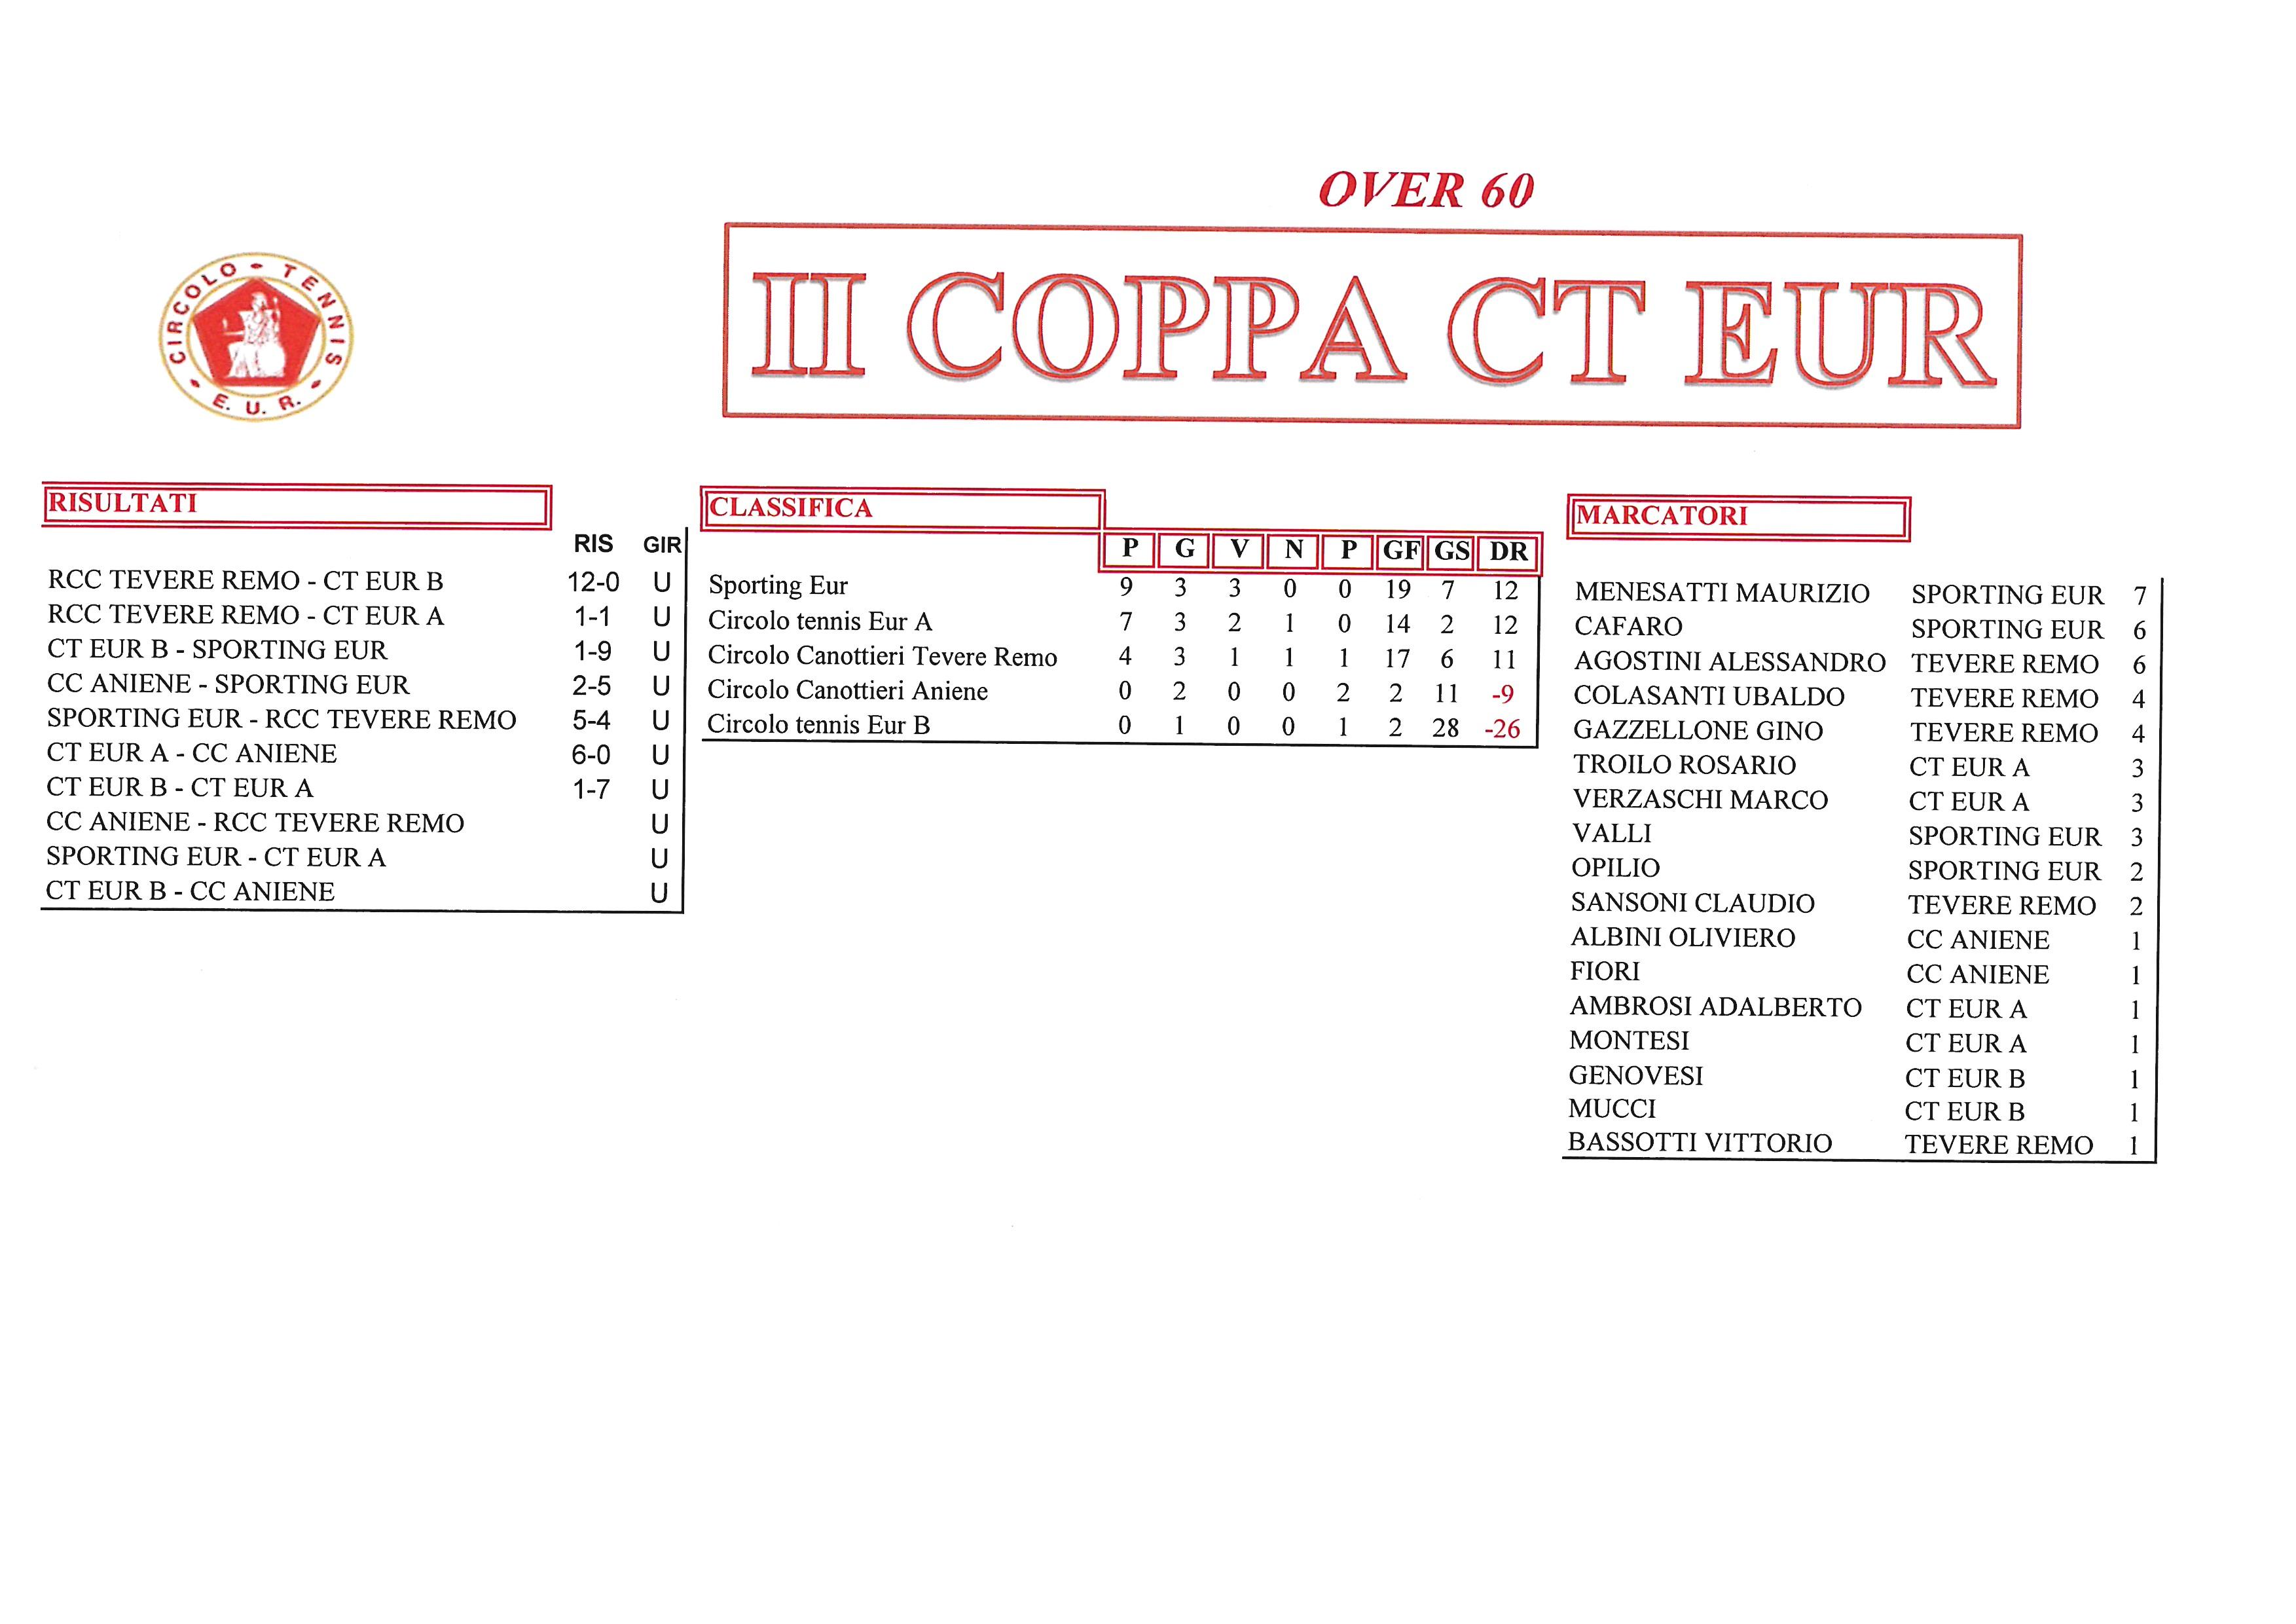 Coppa-CT-Eur-risultati-del-2-ottobre-2017-Over-60